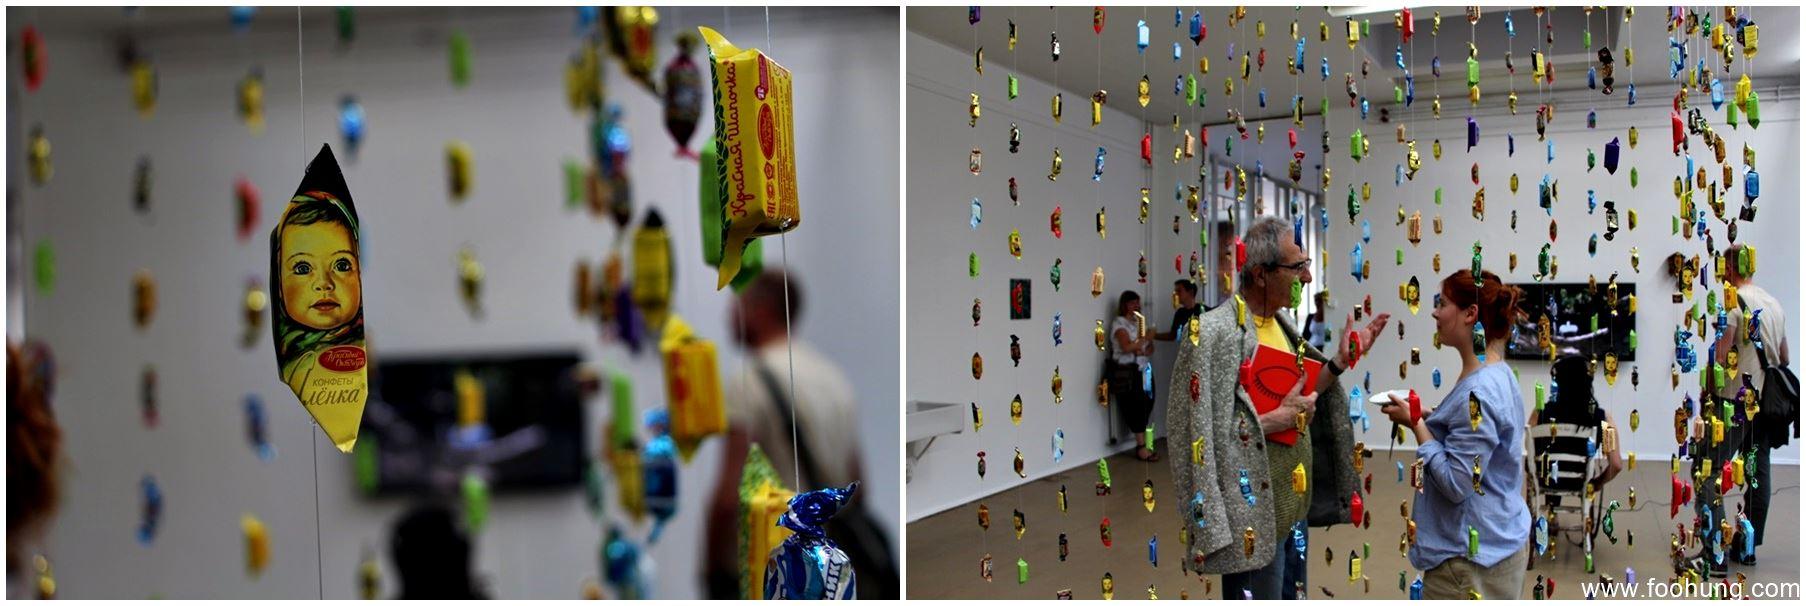 Jahresausstellung der AdbK Nürnberg 6